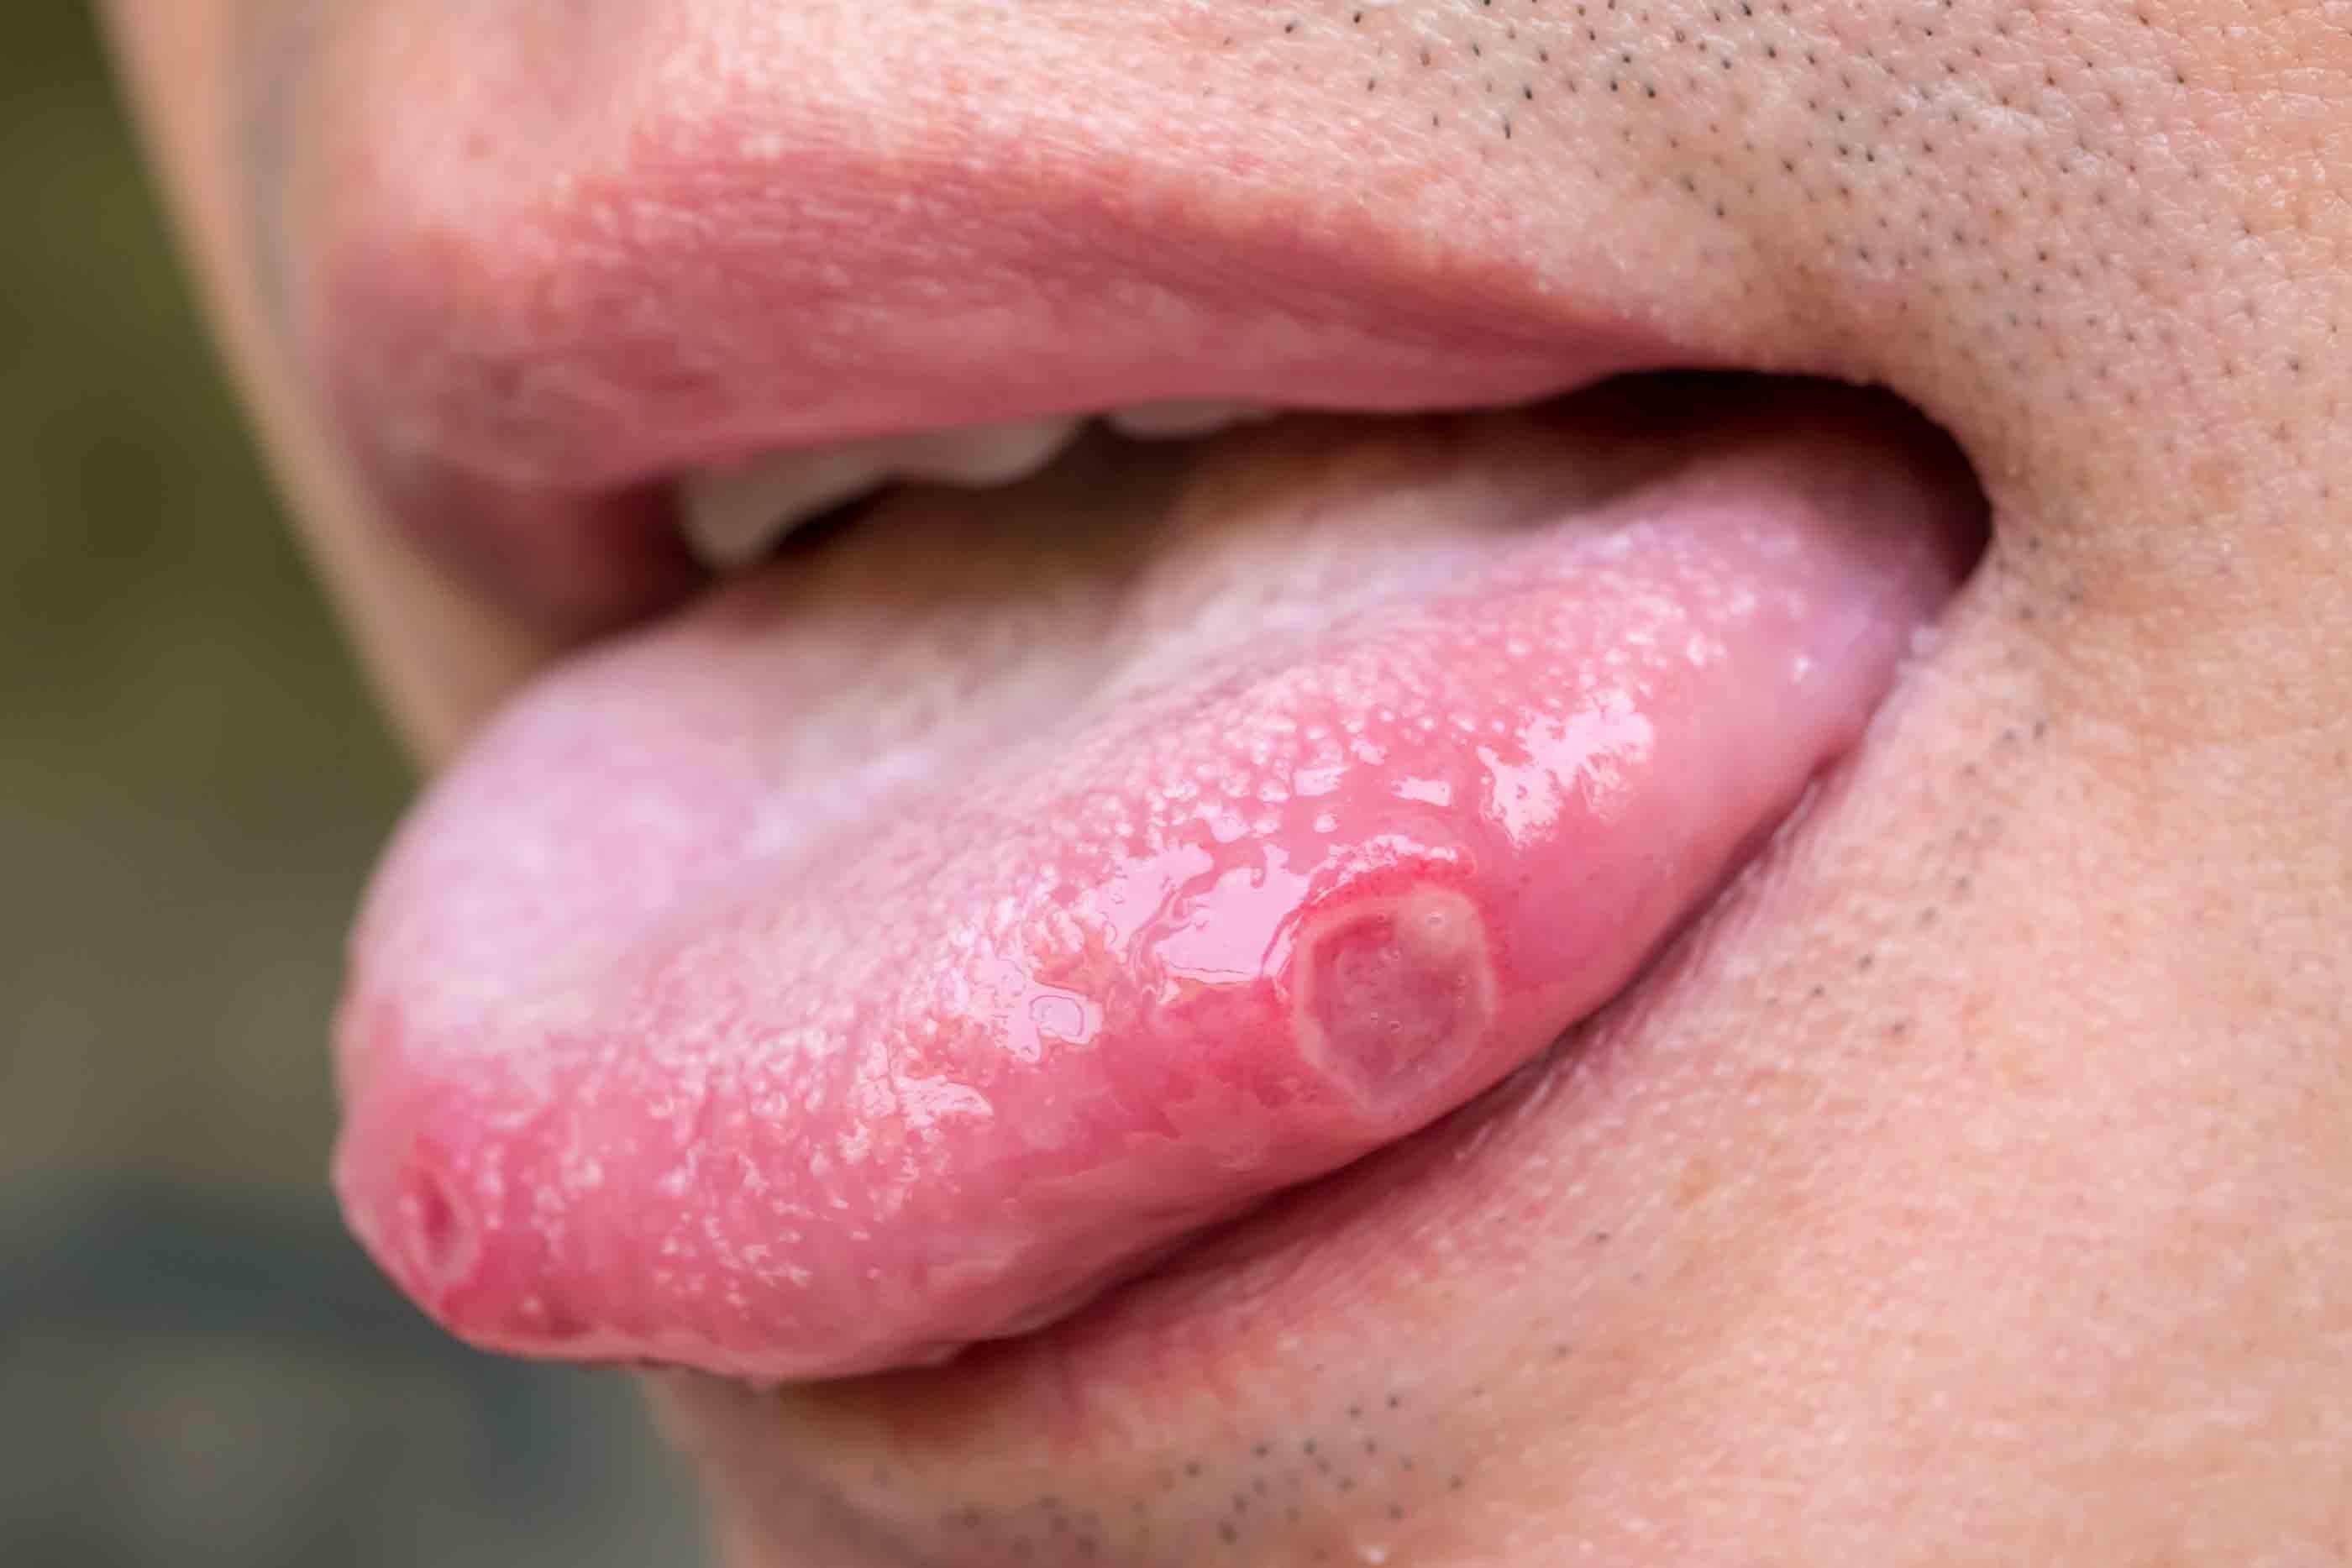 Lors de symptômes de la syphilis, le test sérologique confirme le diagnostic